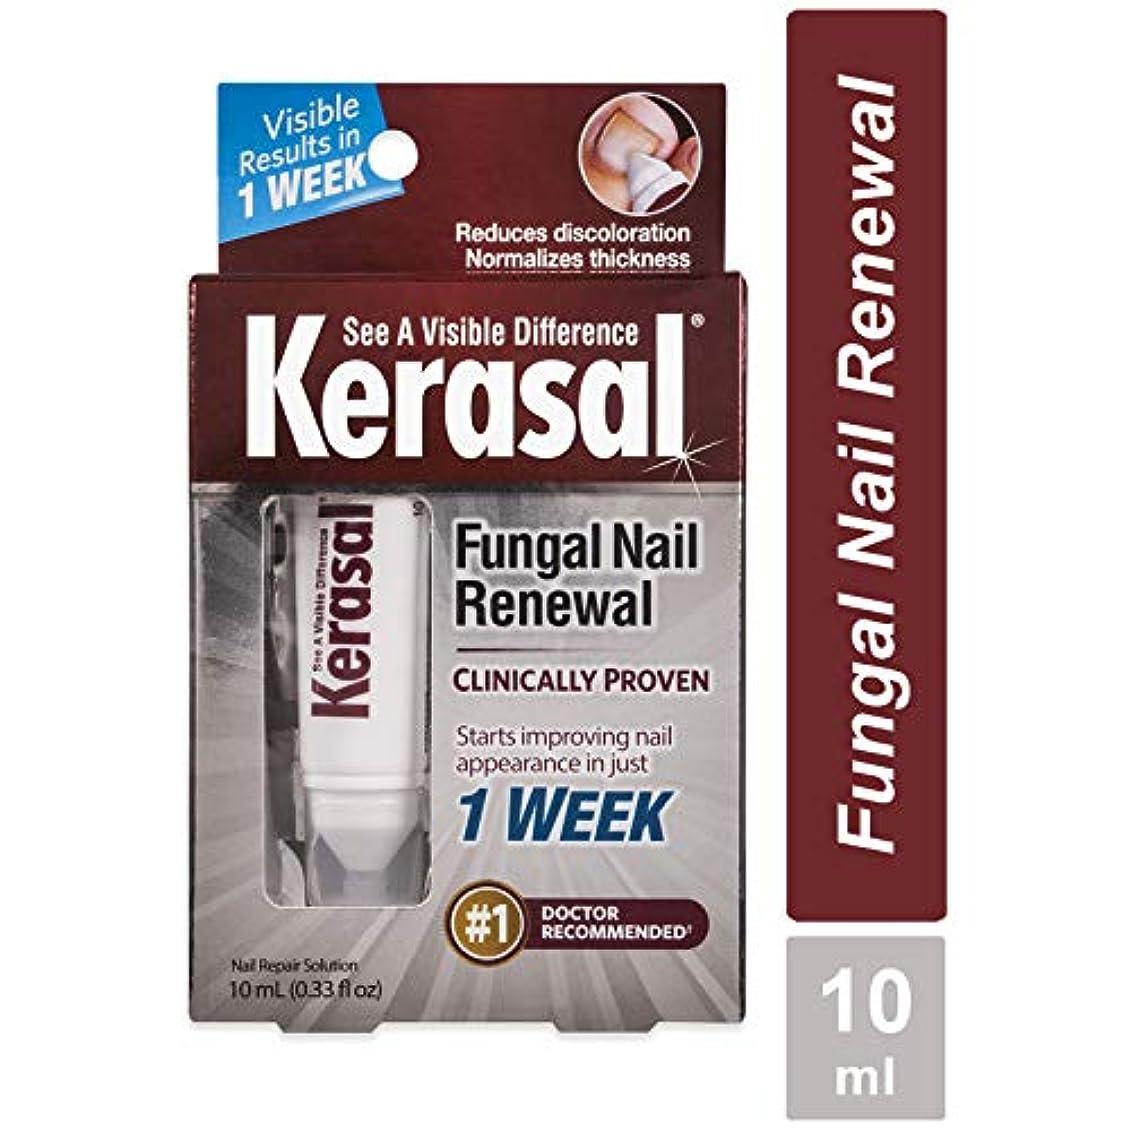 遺伝的正確な属性Kerasal Nail Fungal Nail Renewal Treatment, 10ml by Kerasal